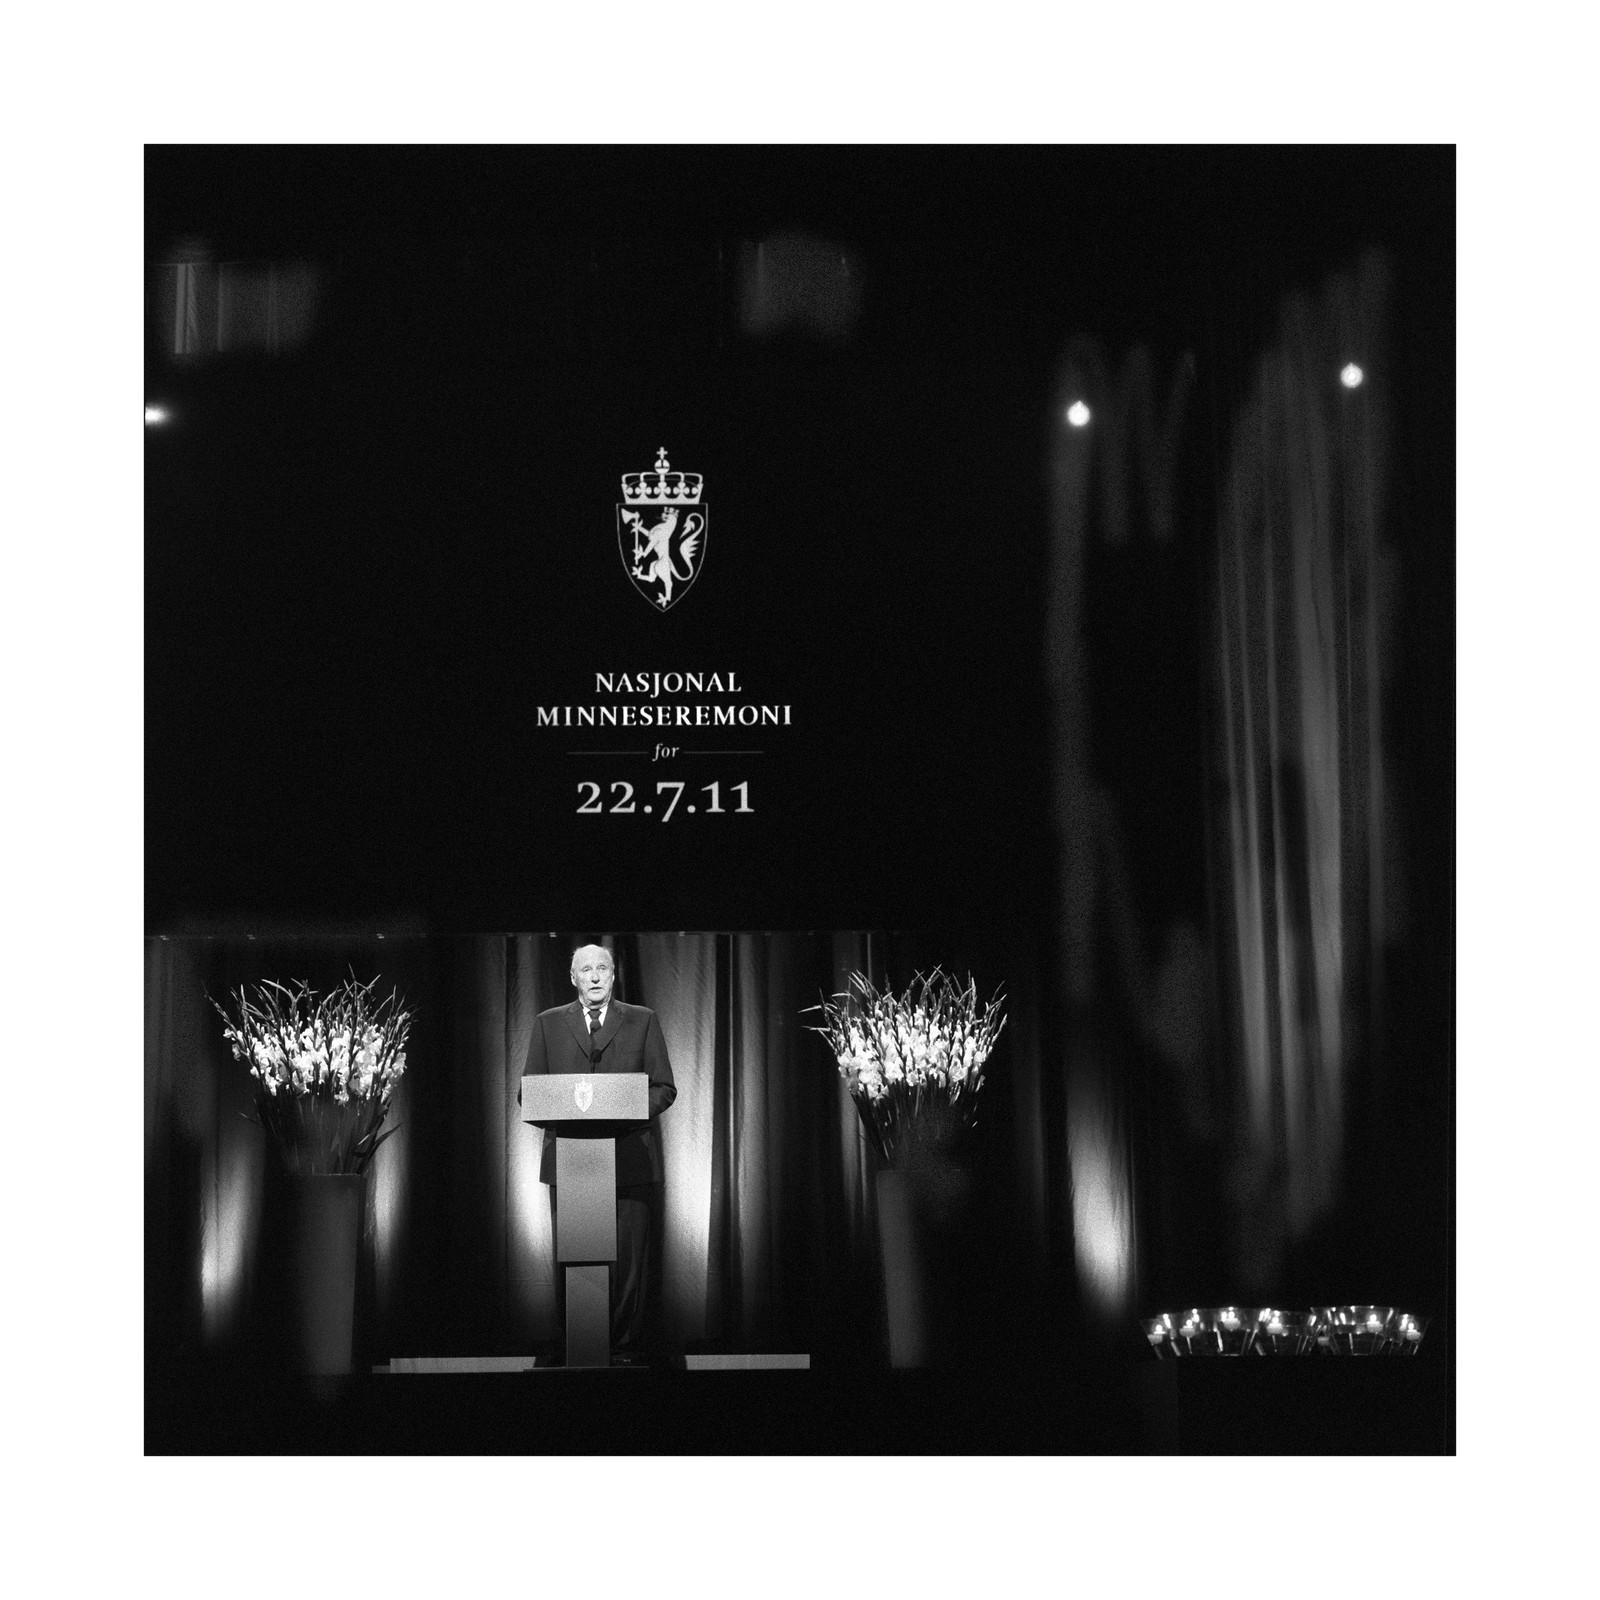 PREGA AV ALVORET: Kong Harald var tydeleg prega av alvoret då han haldt tale under minnemarkeringa for 22. juli i Oslo Spektrum.